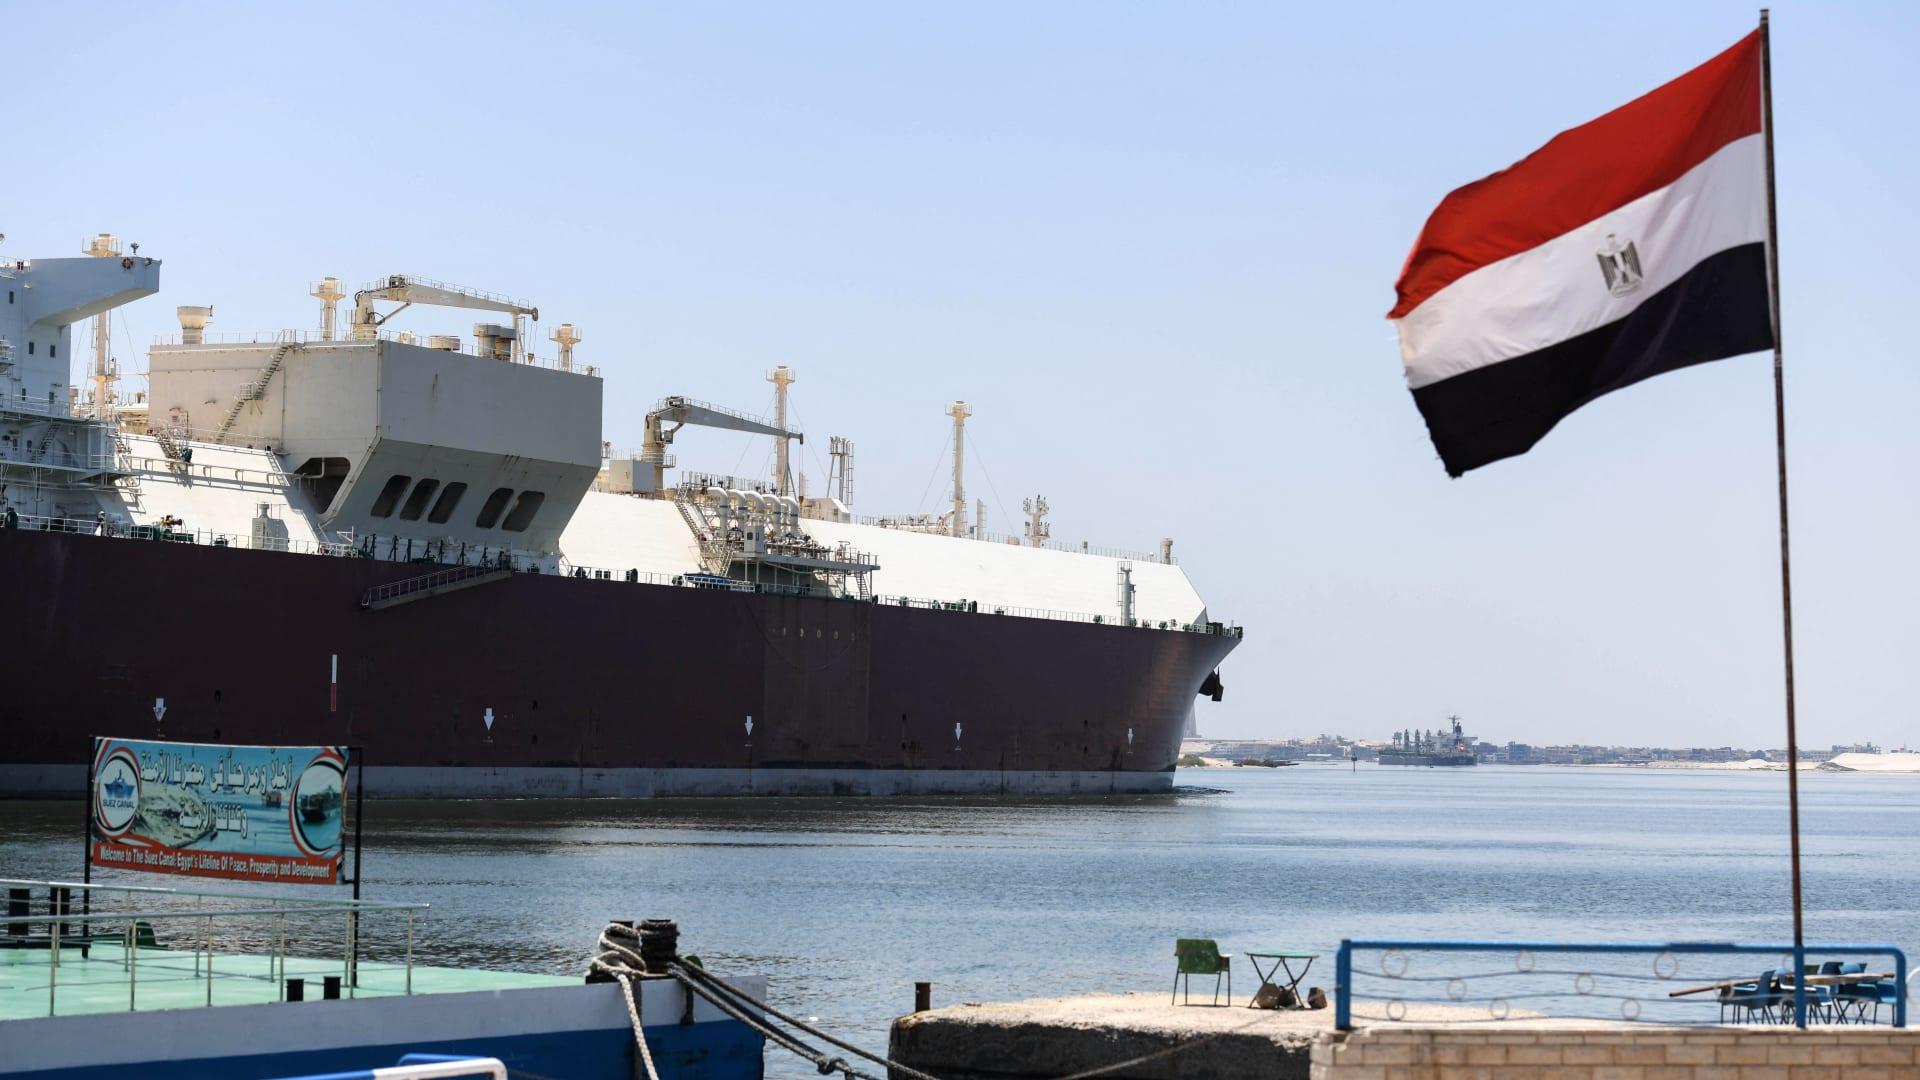 رغم كورونا.. ارتفاع في الصادرات والواردات المصرية في الربع الأول من العام